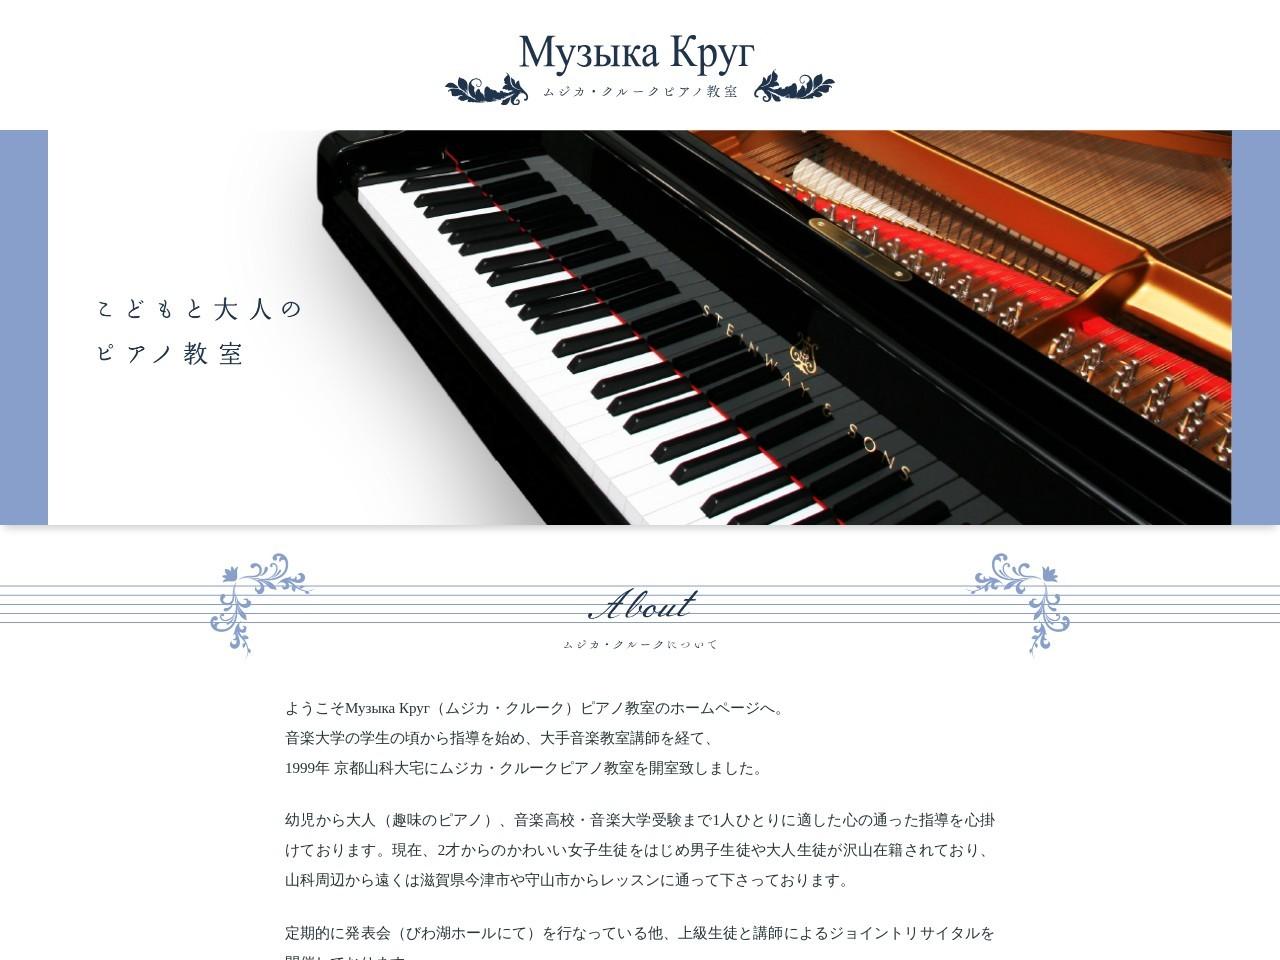 ムジカ・クルークピアノ教室のサムネイル